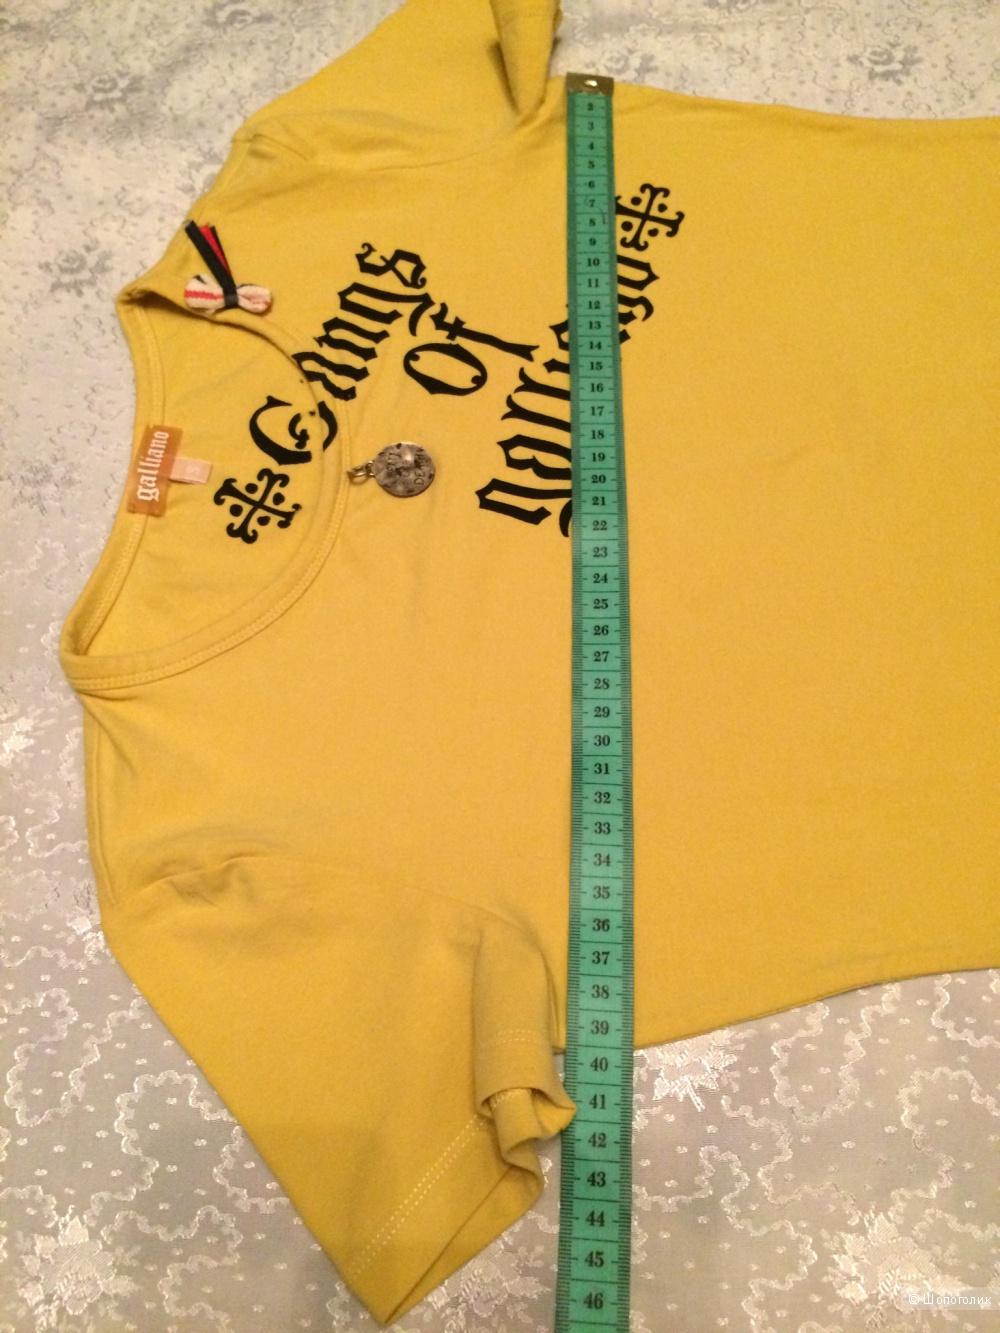 Сет из трёх вещей: две футболки Galliano/no name + карандаш Astra,S-XS